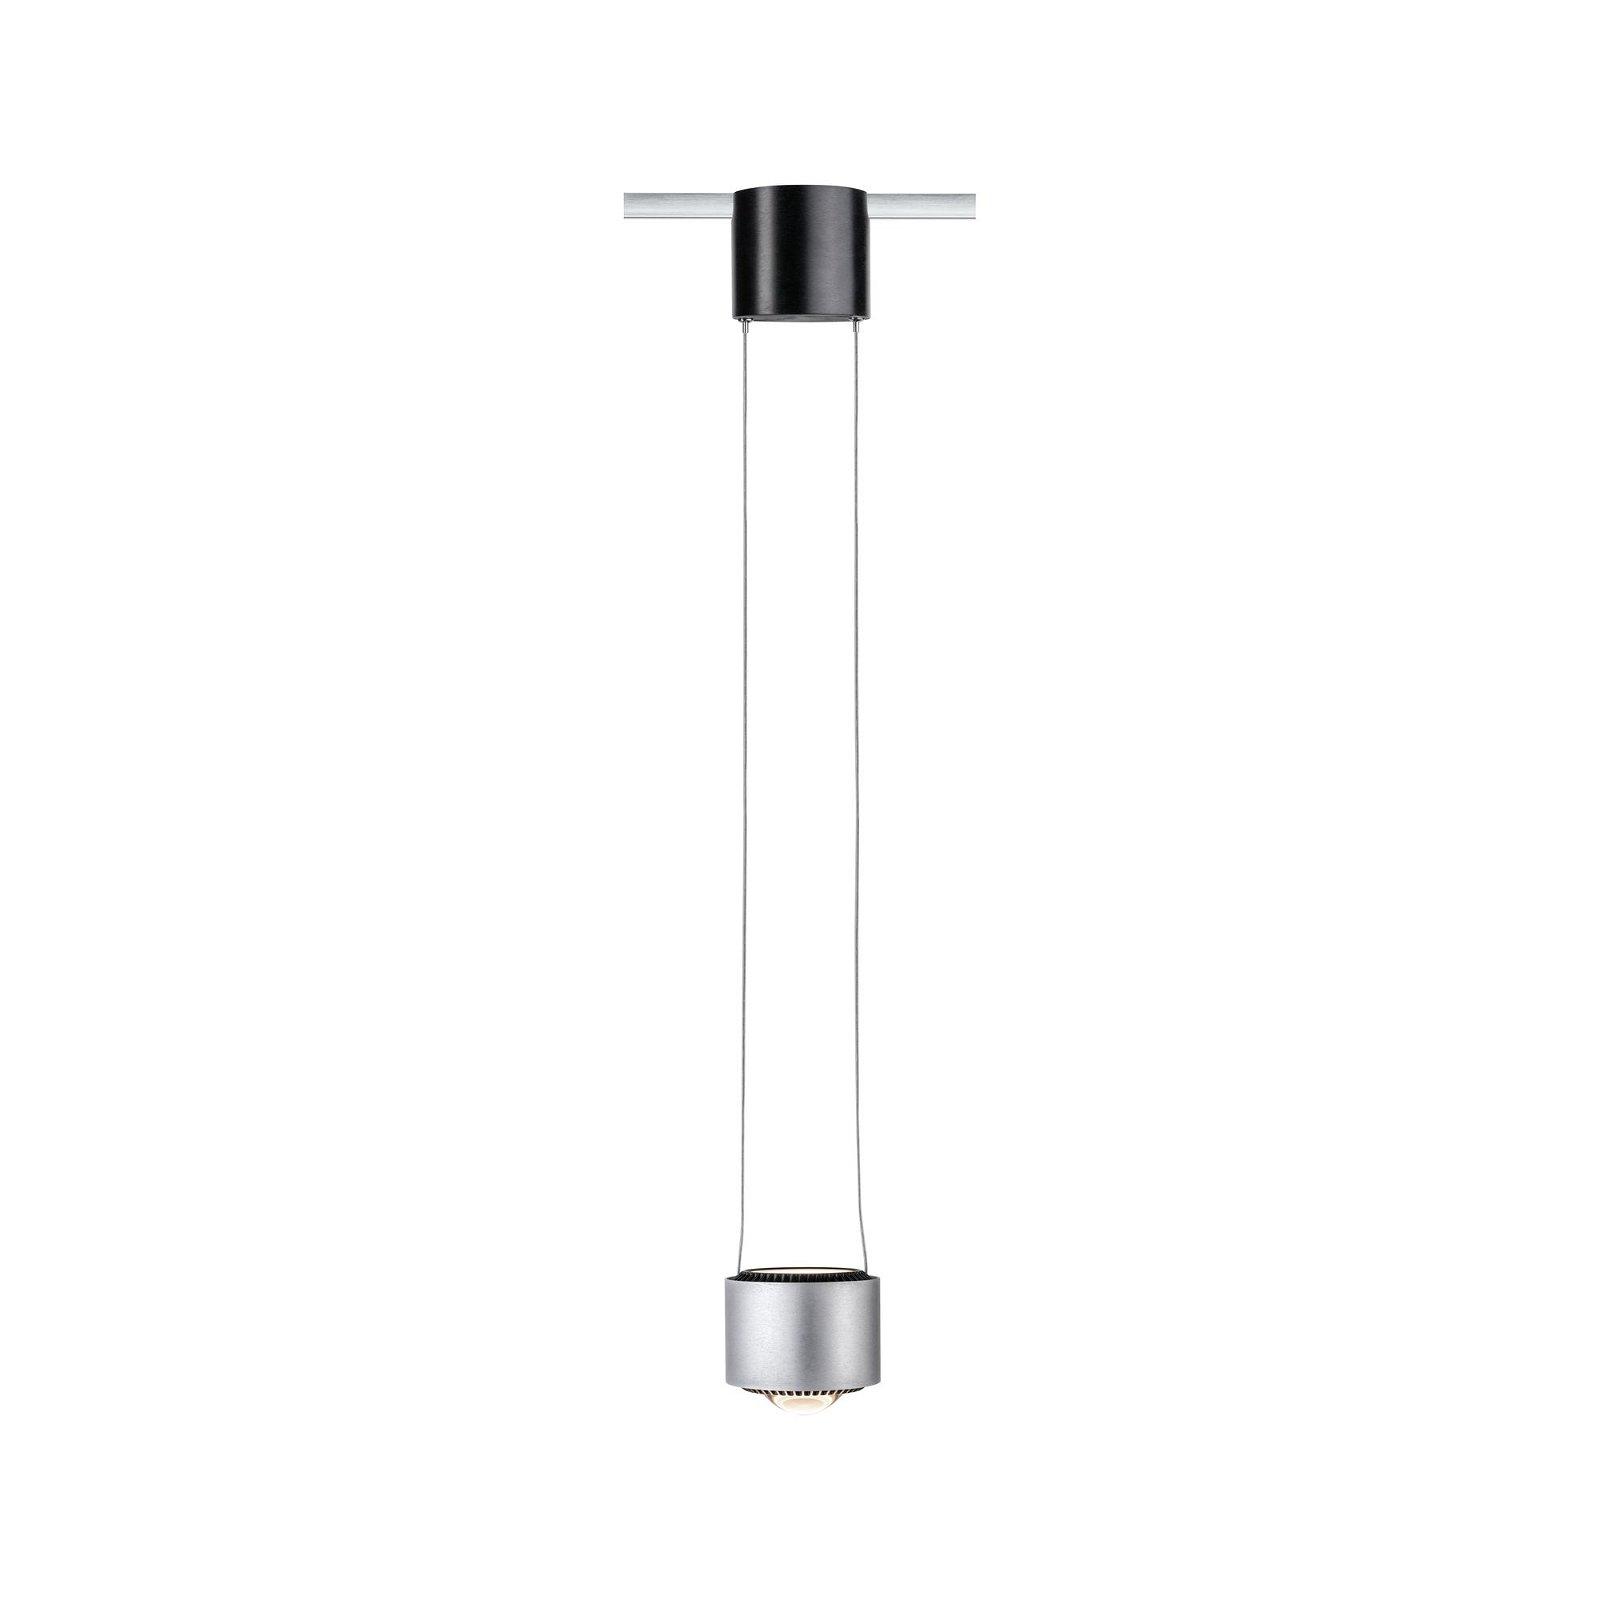 VariLine LED Pendel Aldan 8,5 / 1x4,5W Alu gebürstet/Schwarz